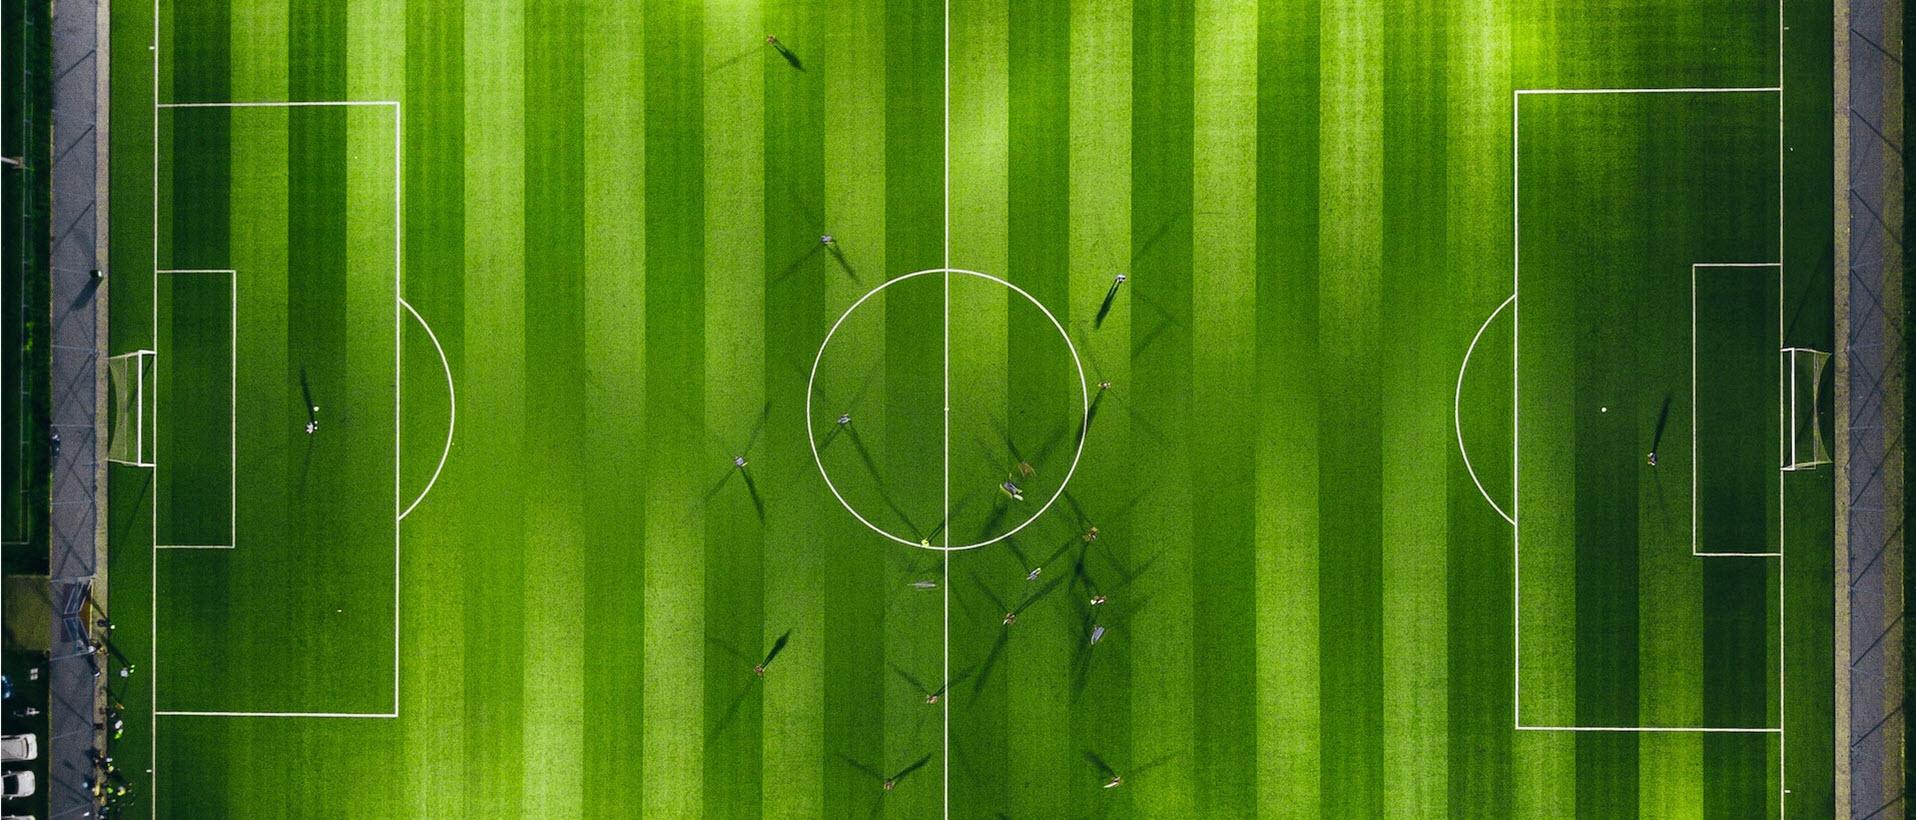 Fußballfeld von oben, auf dem sehr klein sie Spieler zu sehen sind